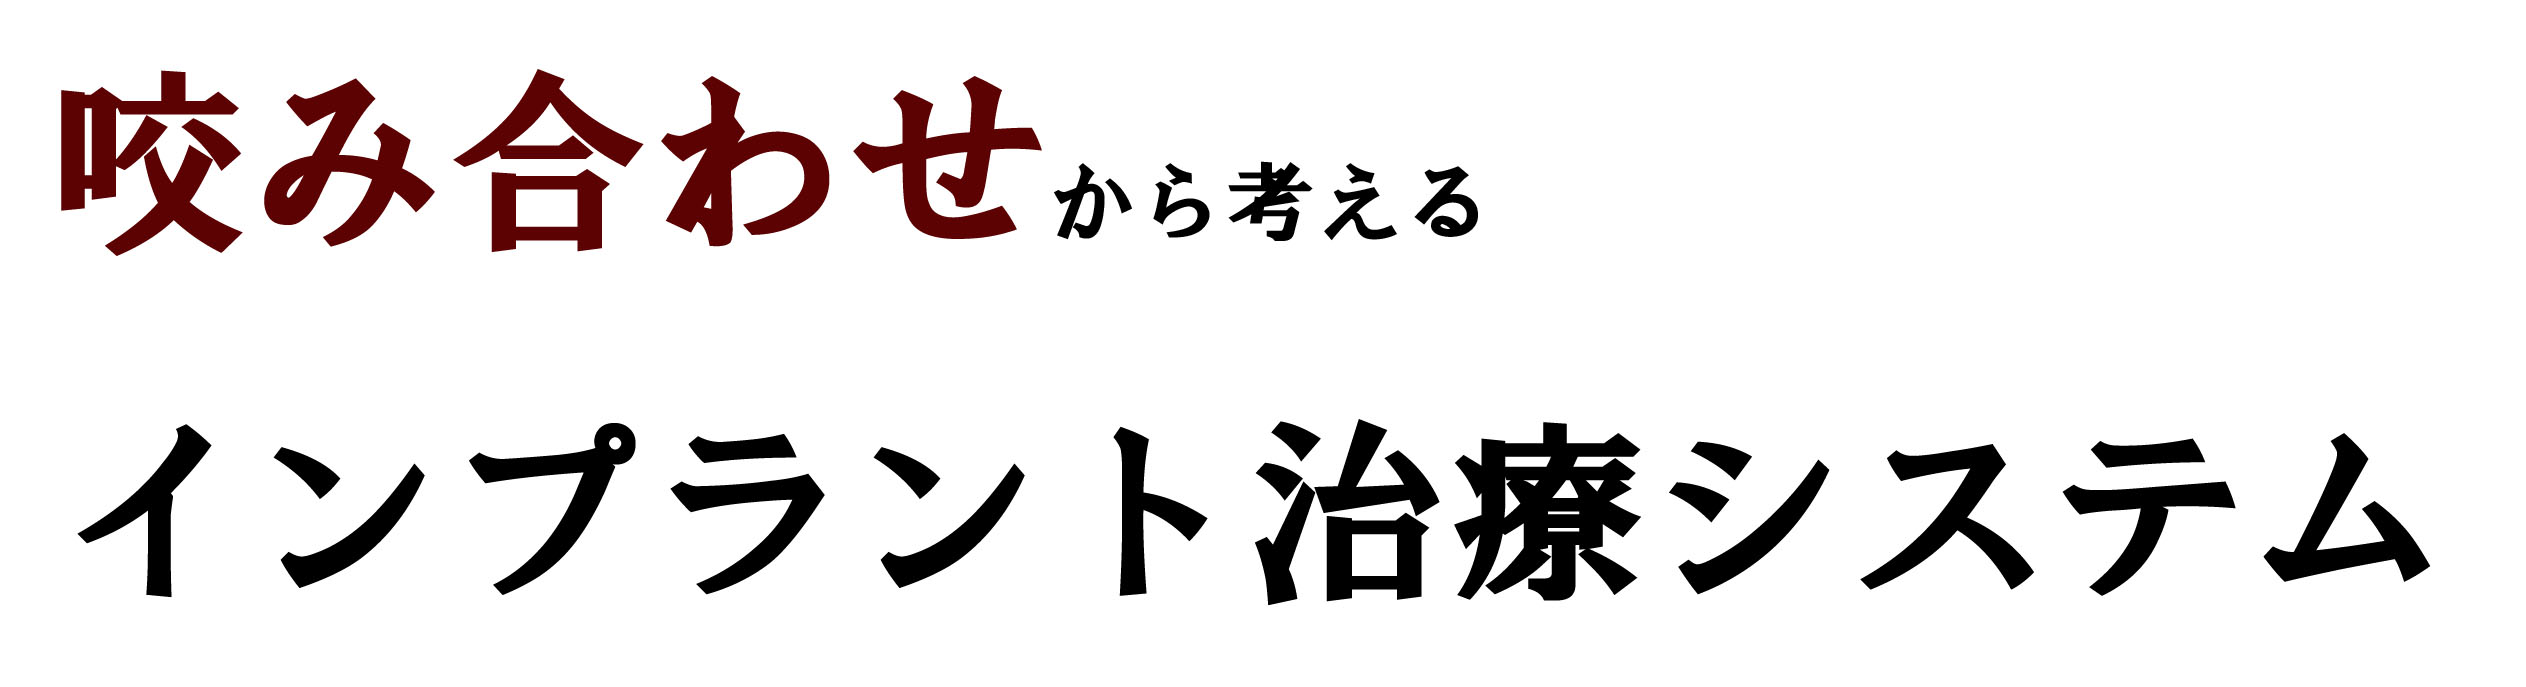 香川県 高松市のかみ合わせ インプラントの吉本歯科医院 3iインプラントシステムンプラント 香川県